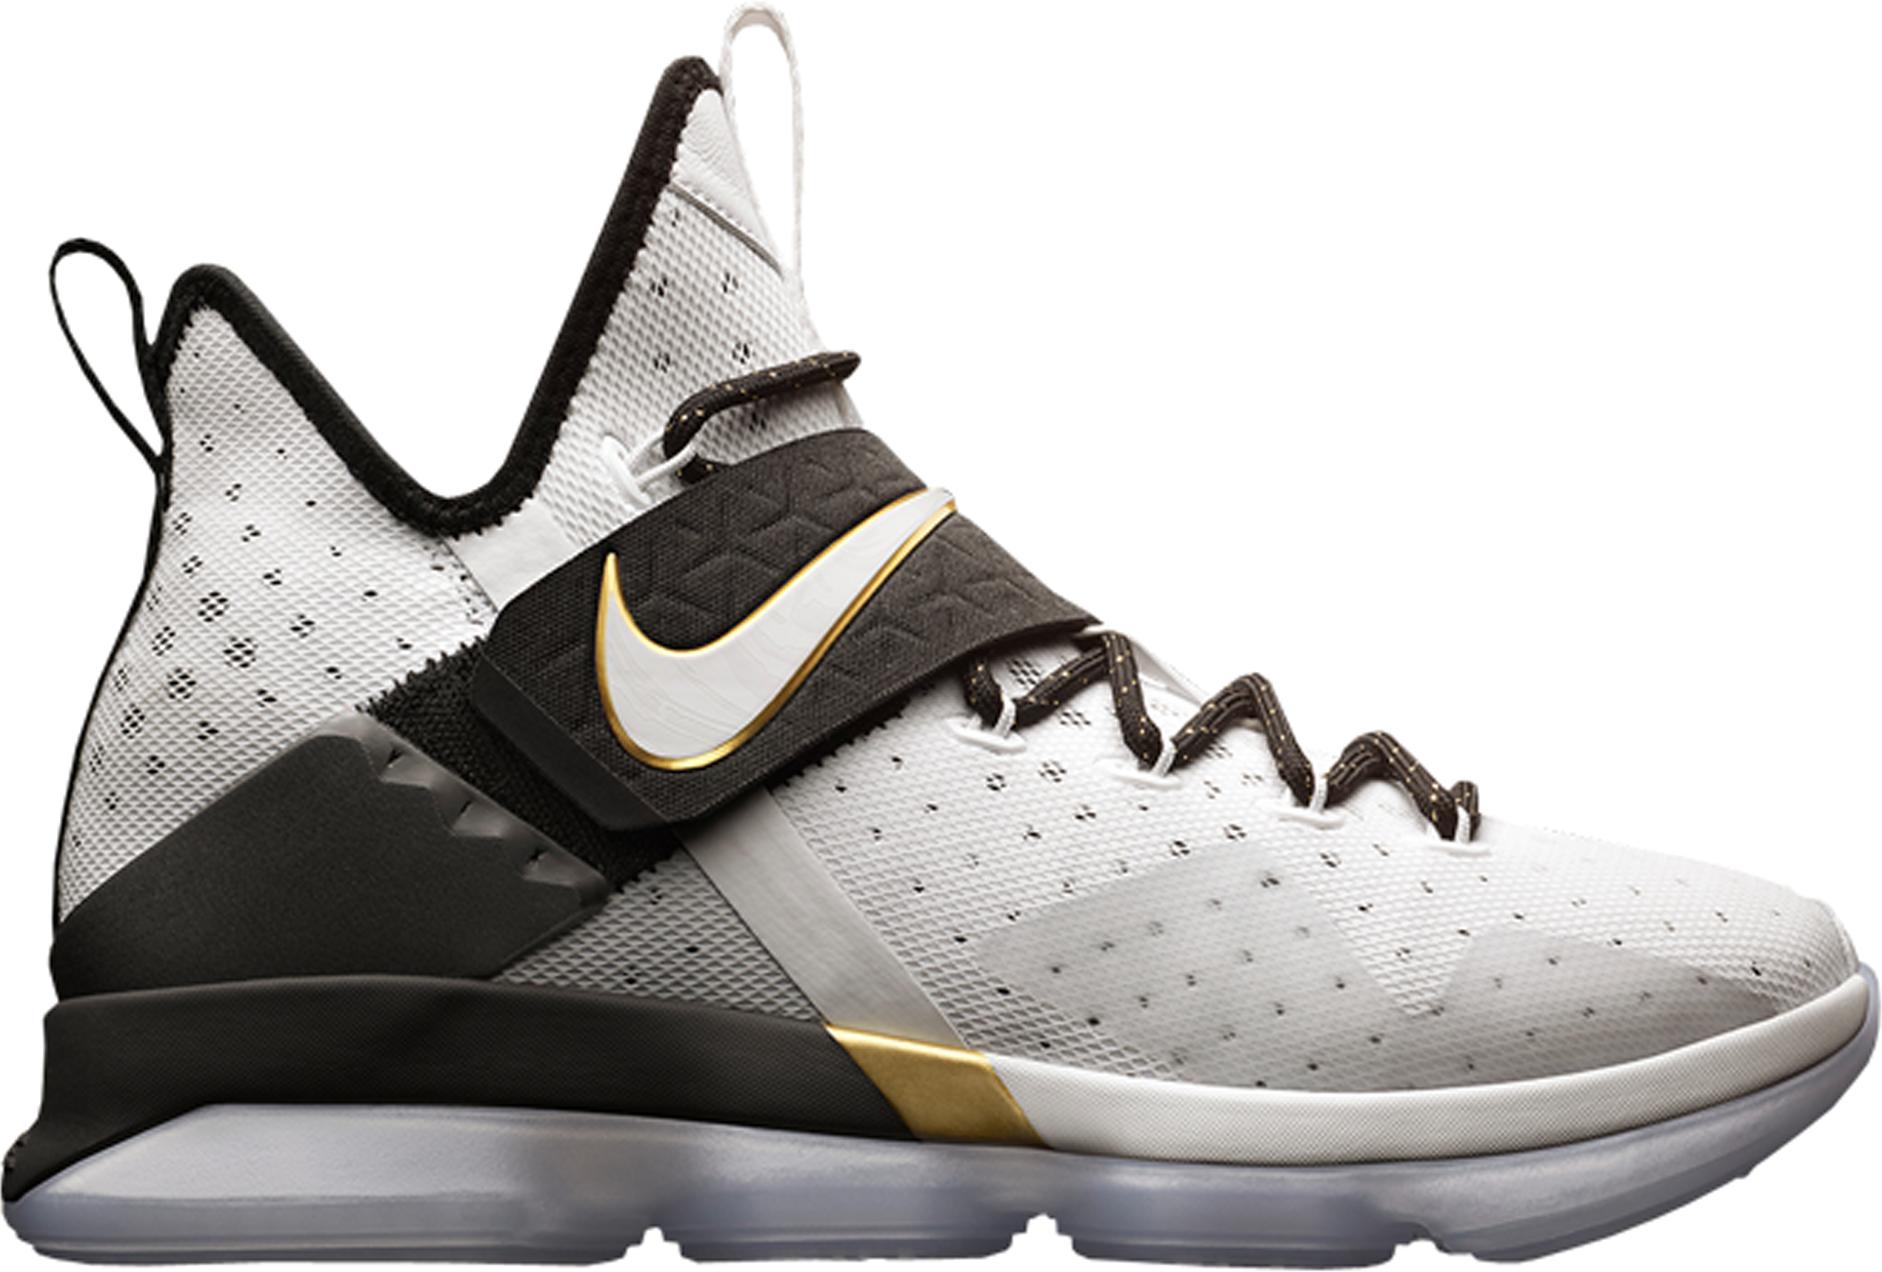 Nike LeBron 14 BHM (2017) - 860634-100